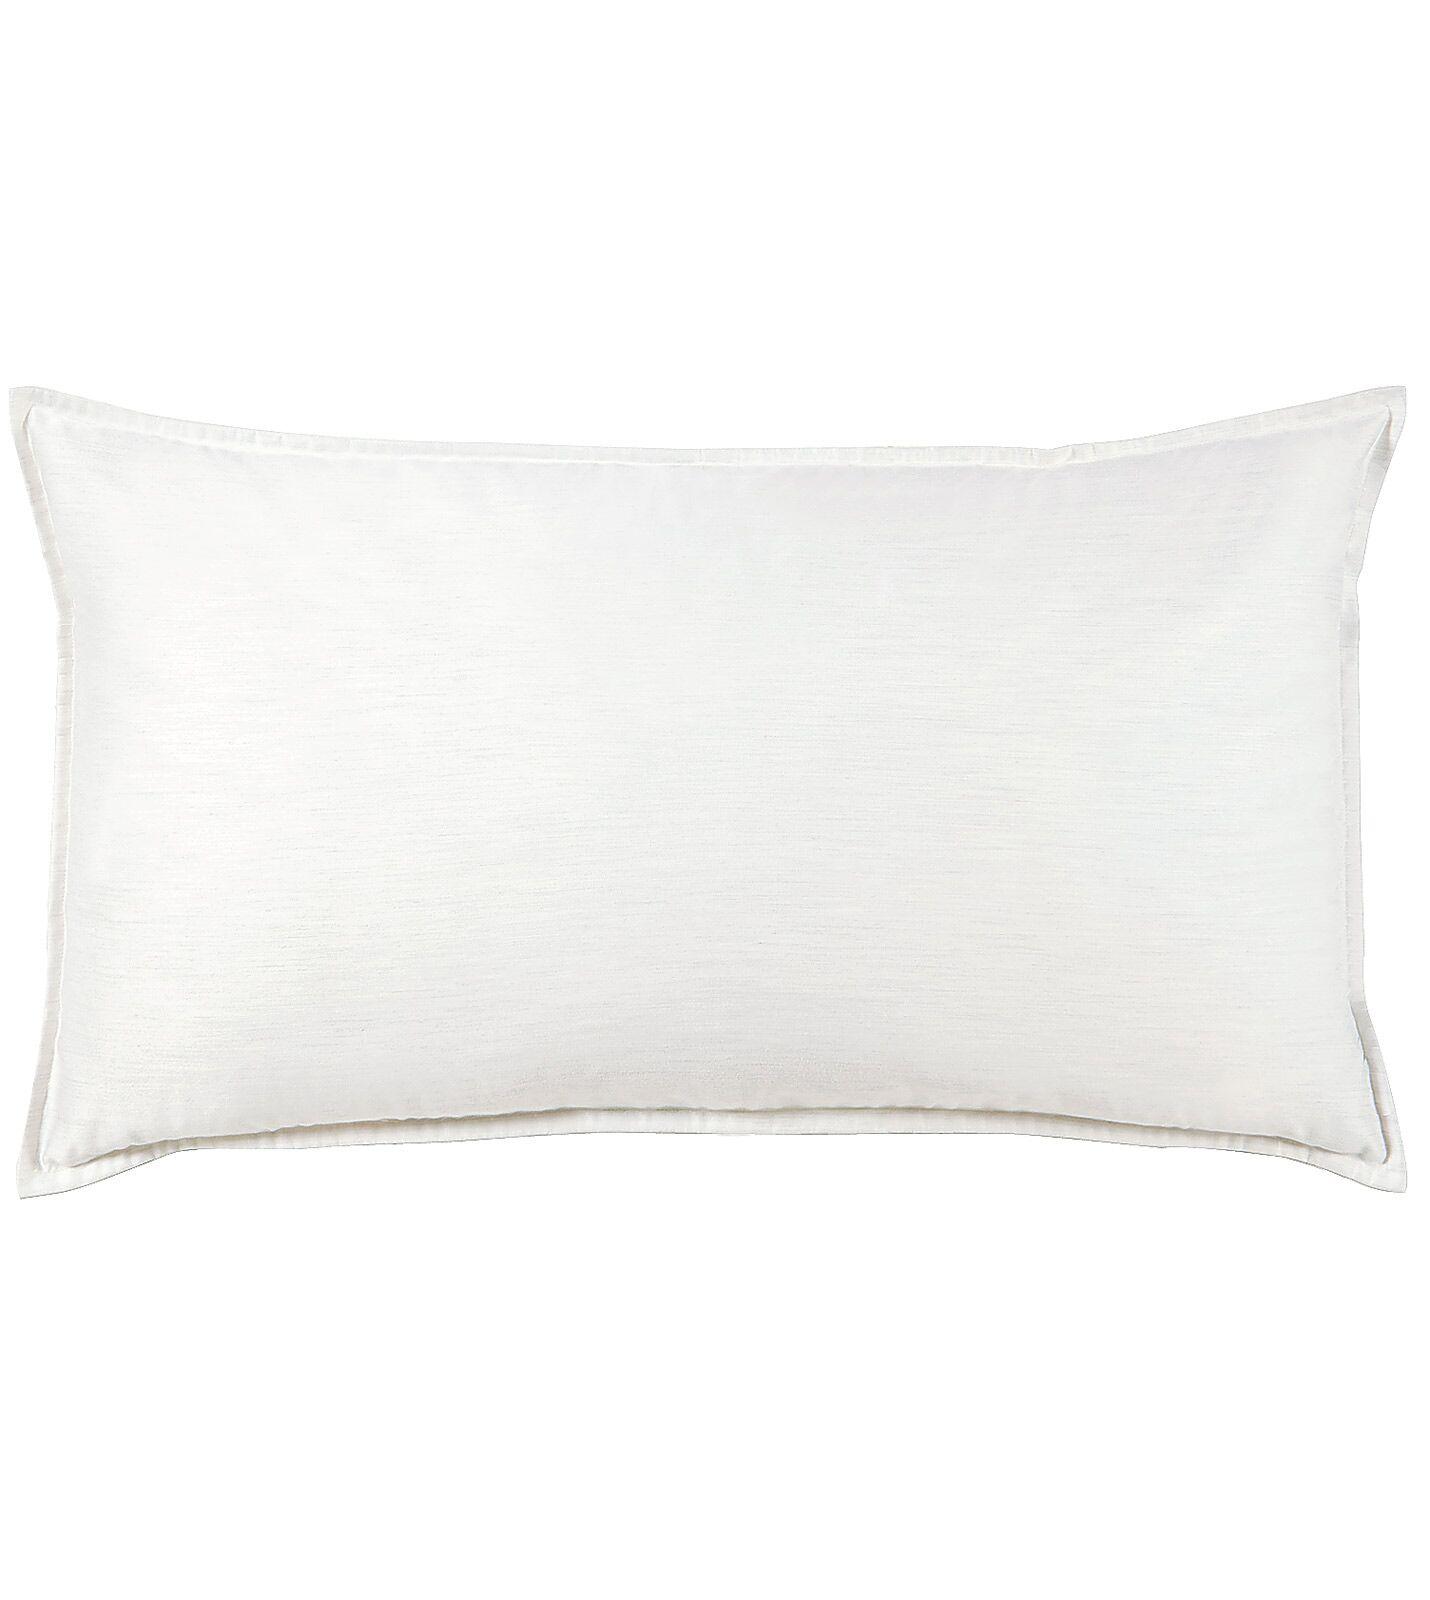 Pierce Sham Size: Standard, Color: Marble